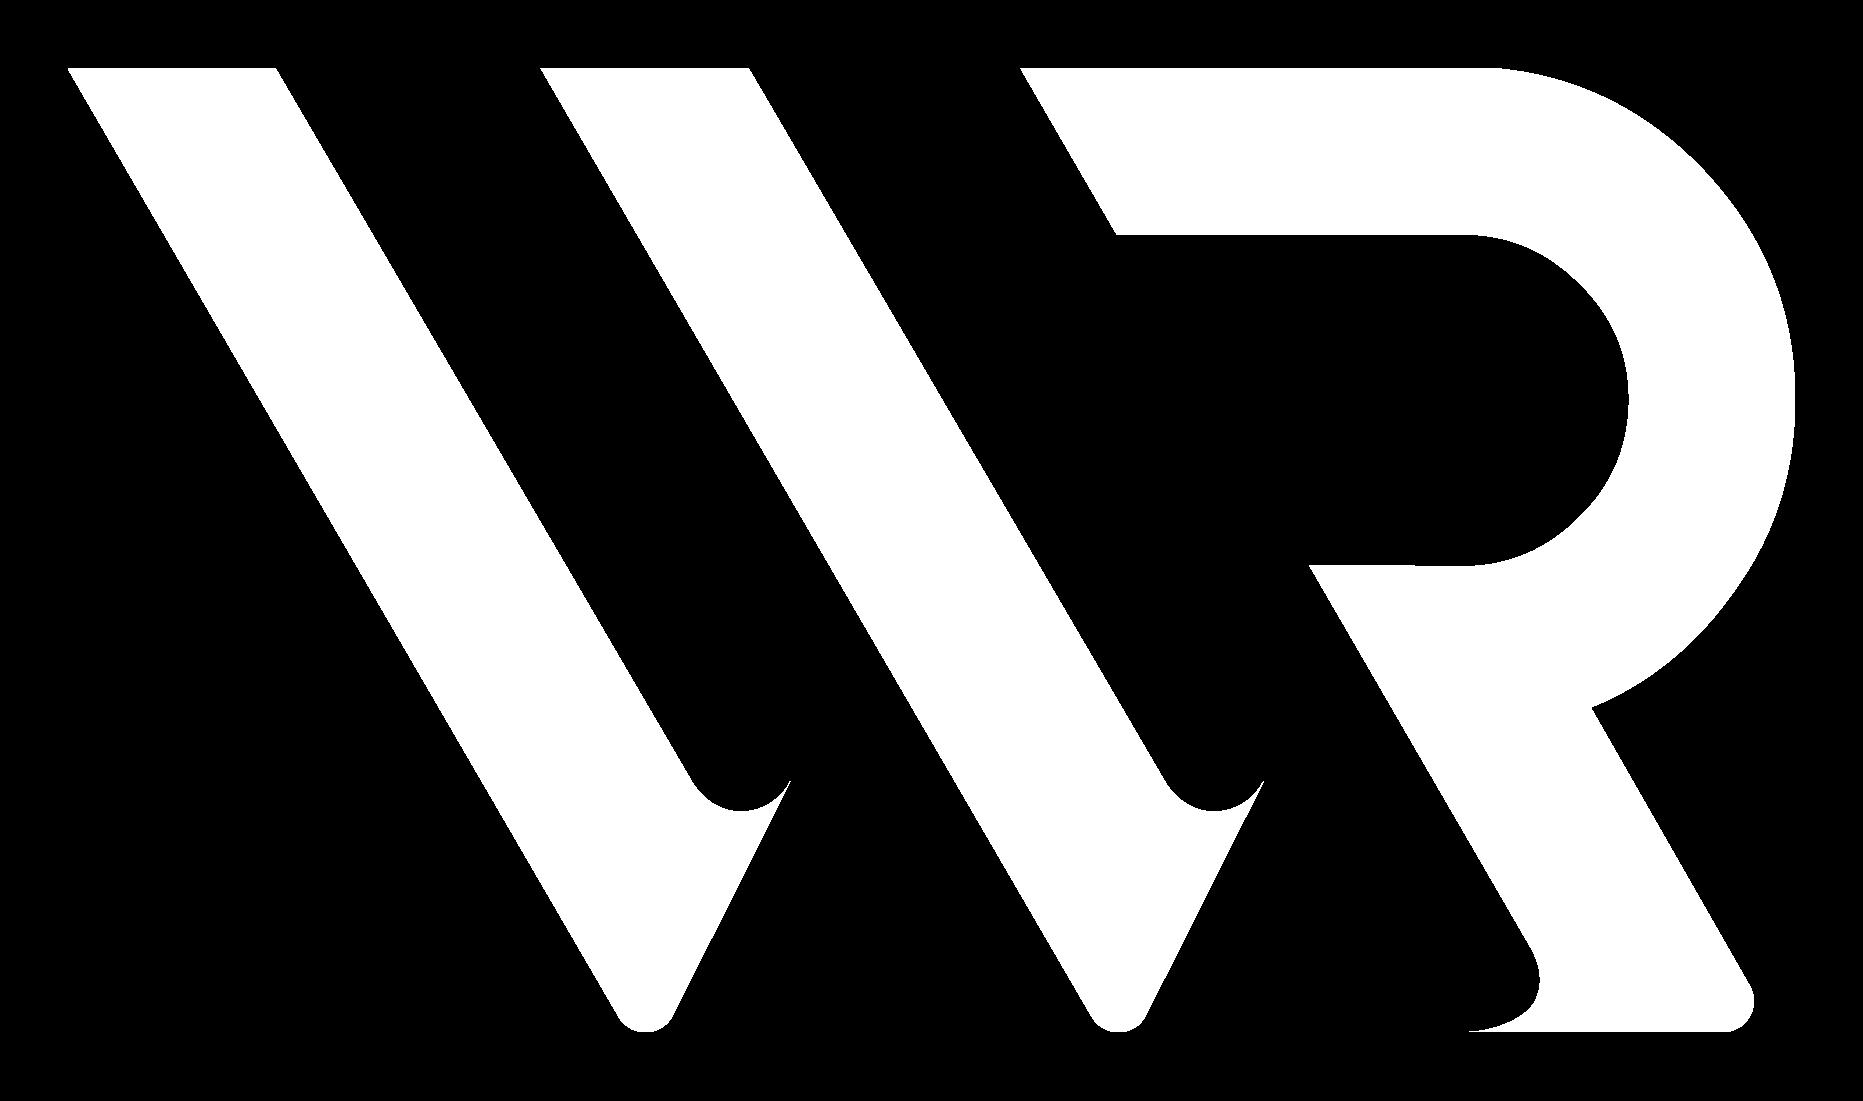 VVR | Neptune Reizen - Reisbureau Izegem